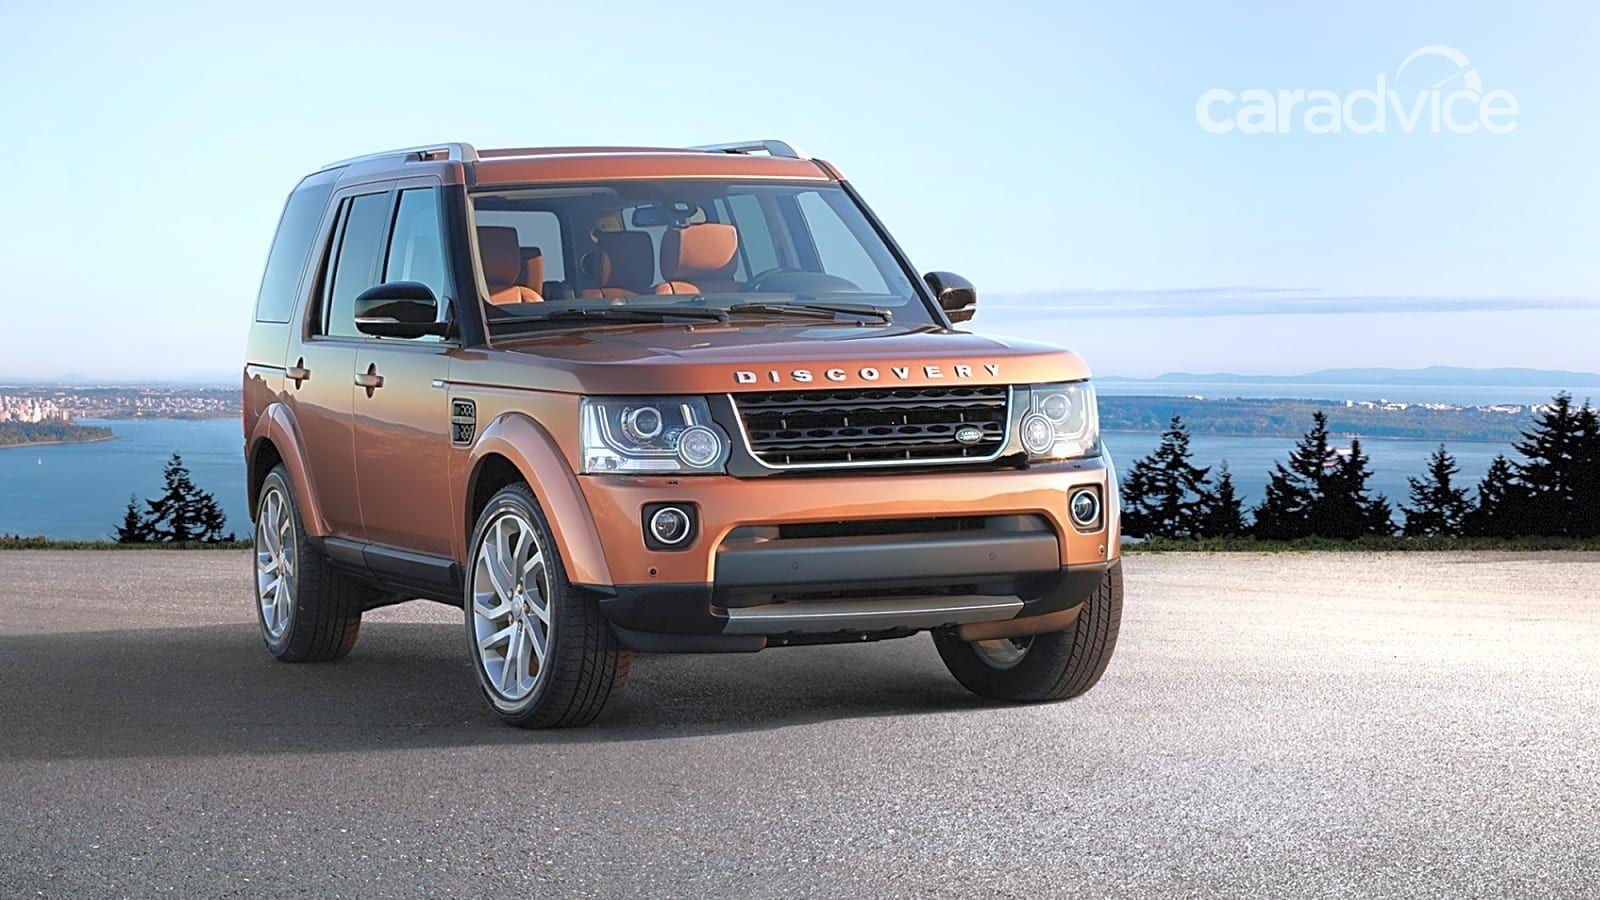 2016 Land Rover Discovery Landmark, Graphite models join local rangePinterest